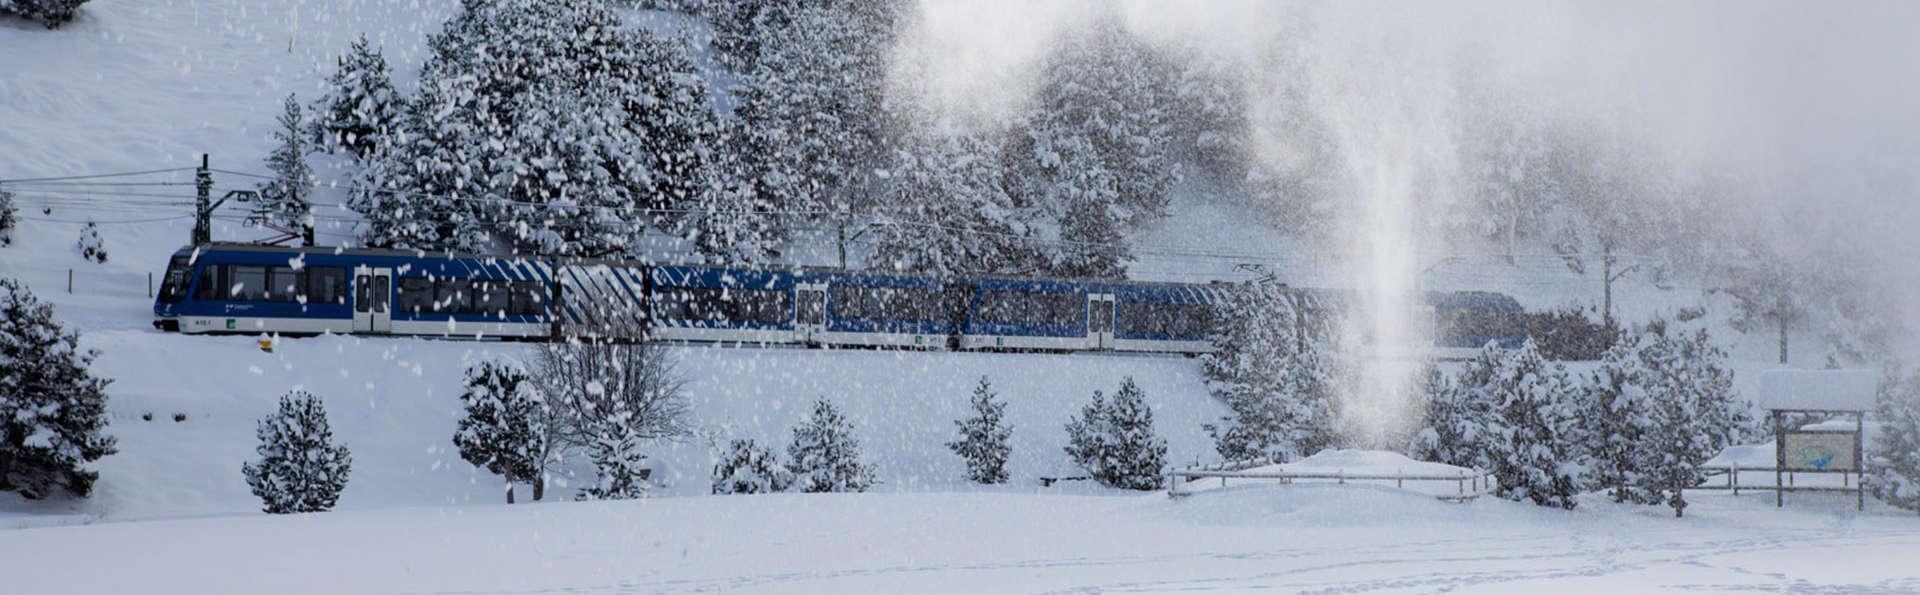 Escapade avec train crémaillère à la vallée de Núria